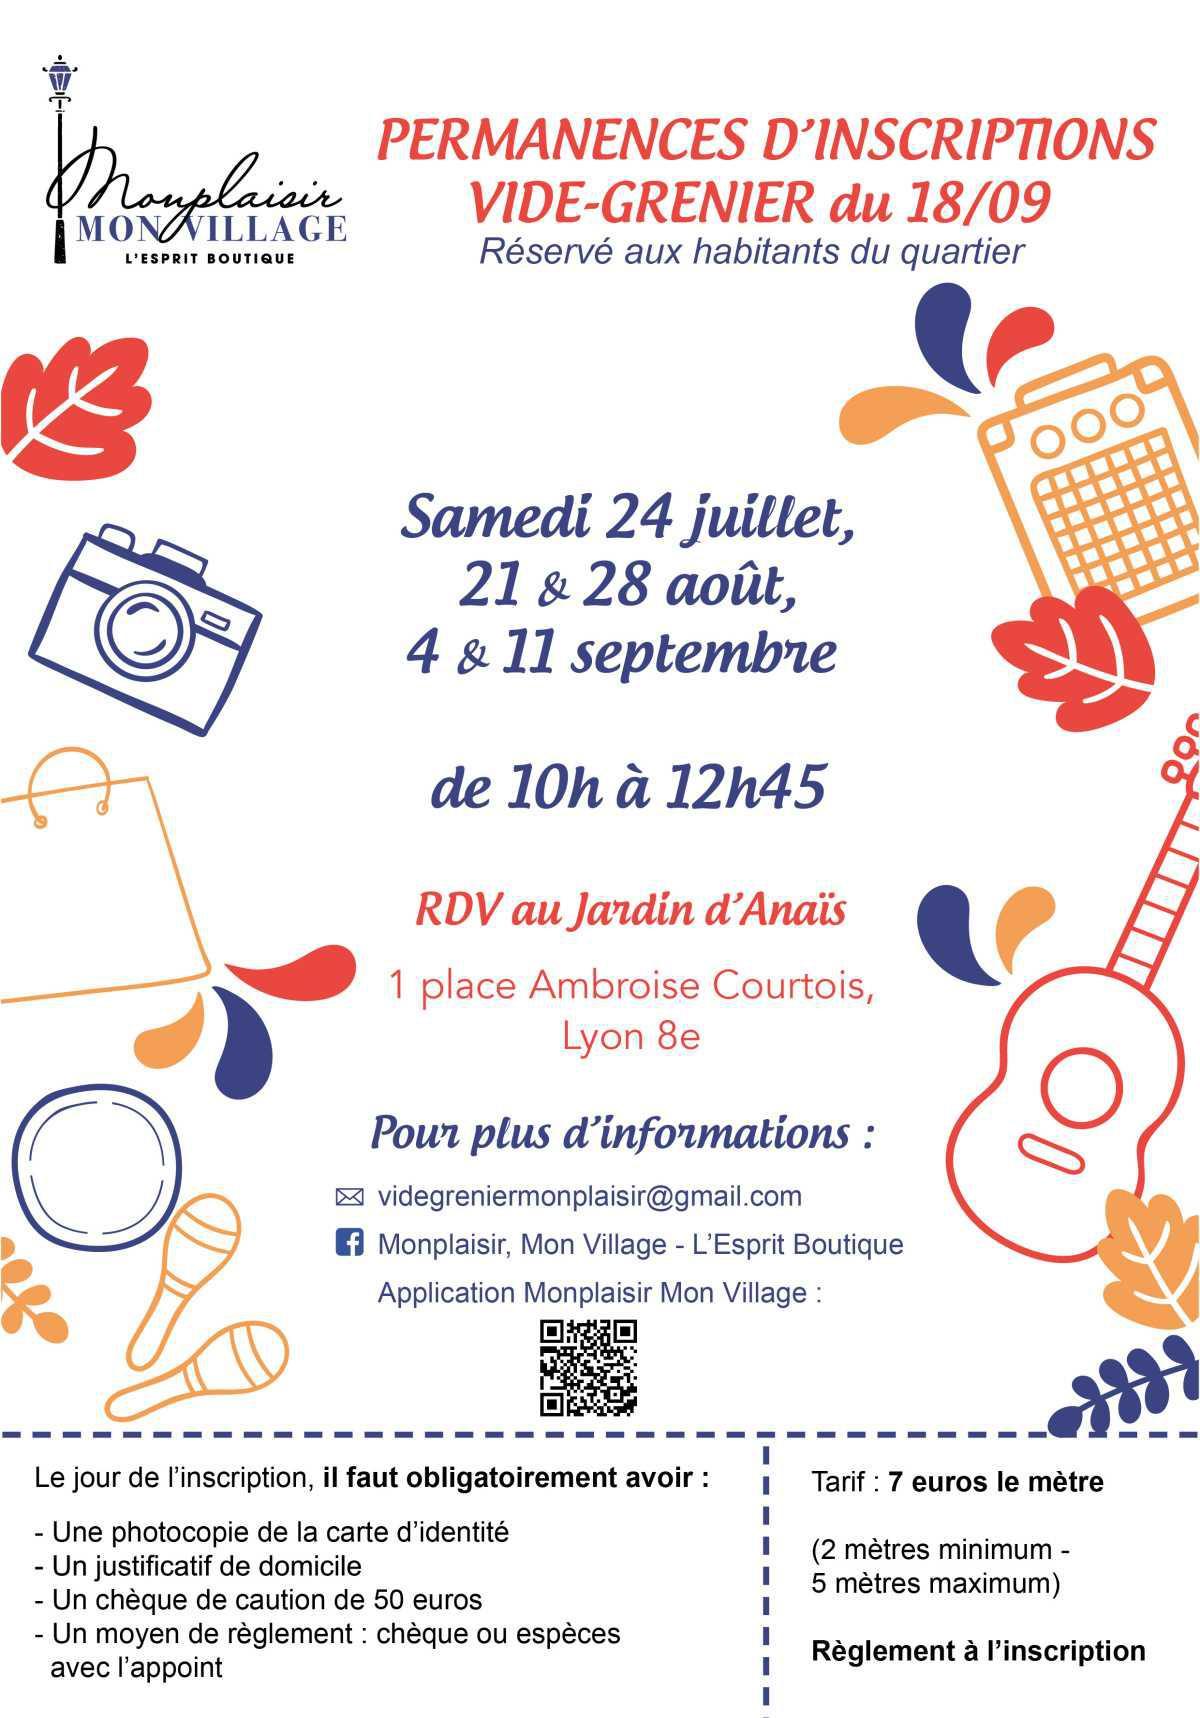 Samedi Plaisir #5 - Inscrivez-vous au vide-grenier du 18/09